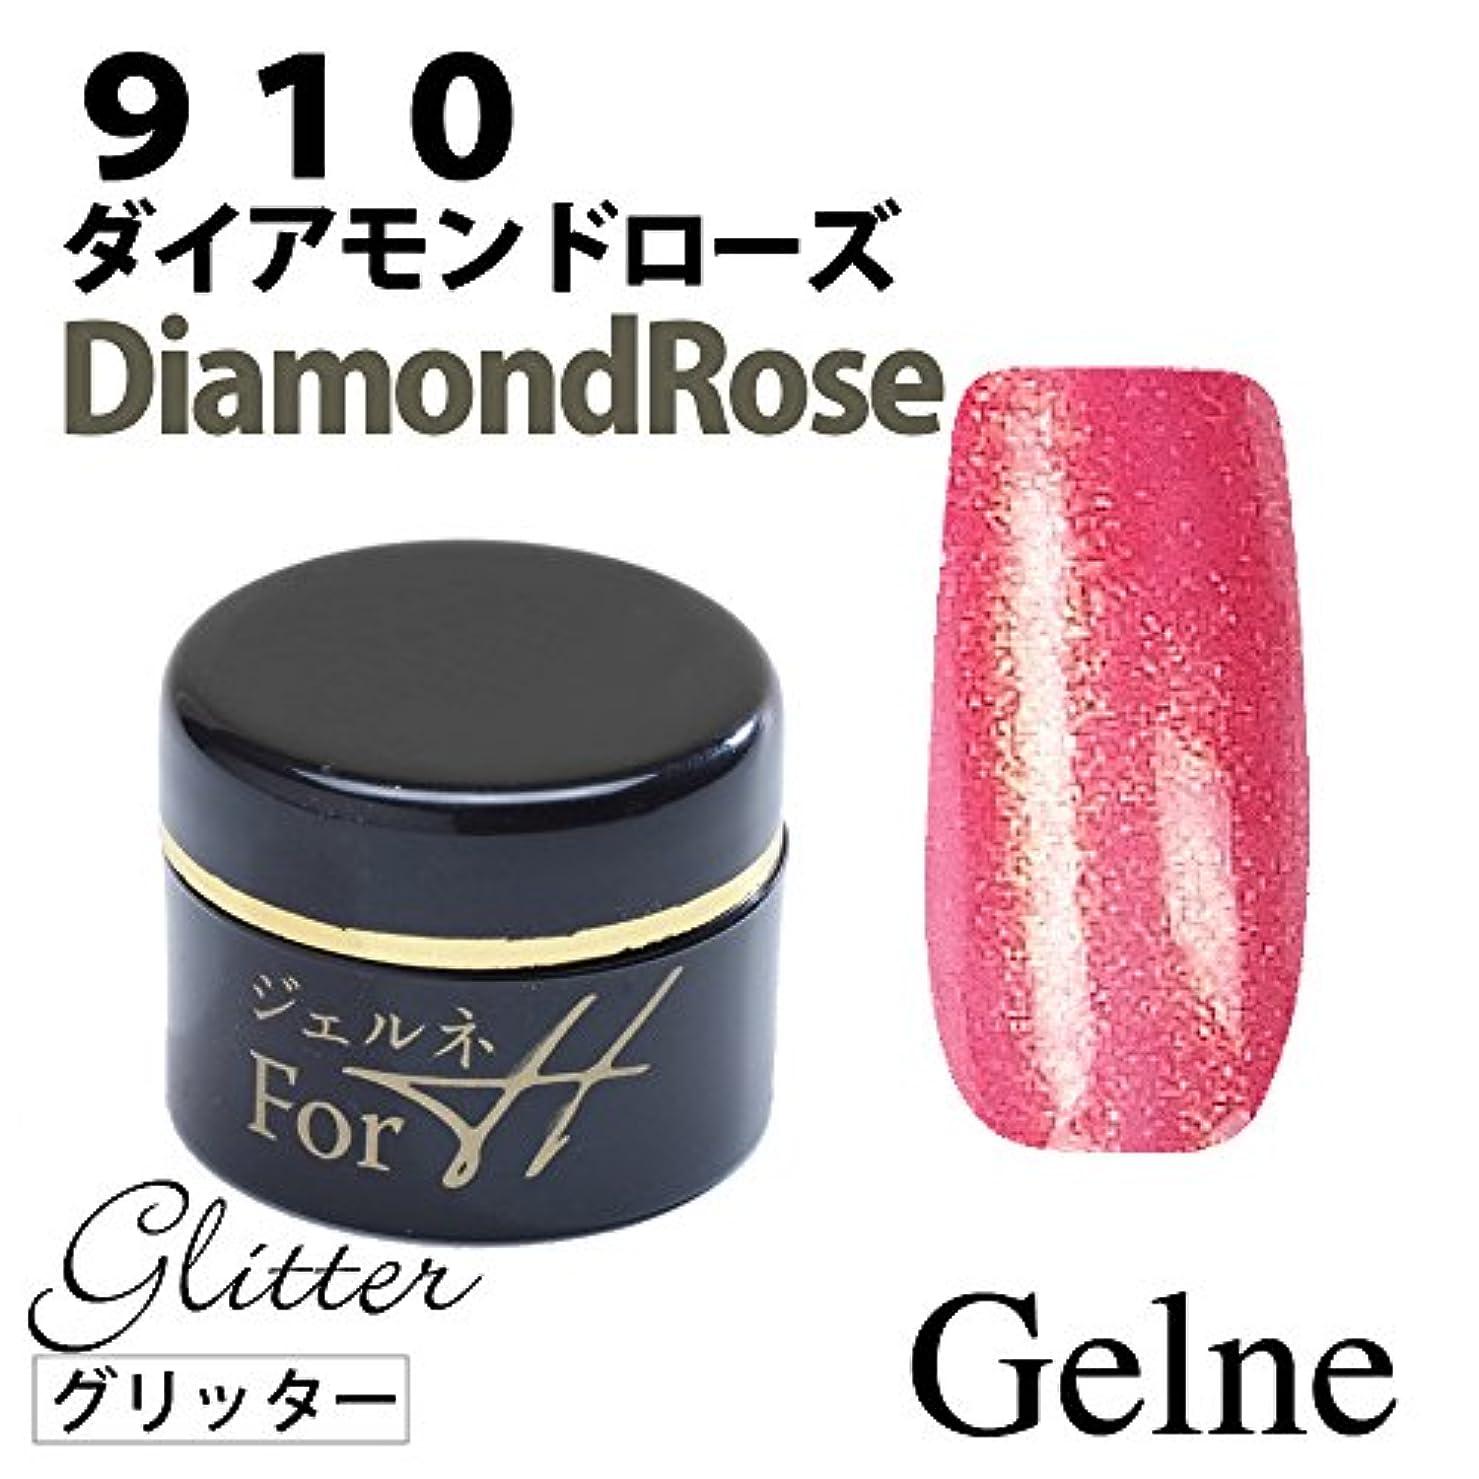 イベントスケジュール前提条件Gelneオリジナル ダイヤモンドローズ カラージェル 5g LED/UV対応 ソークオフジェル